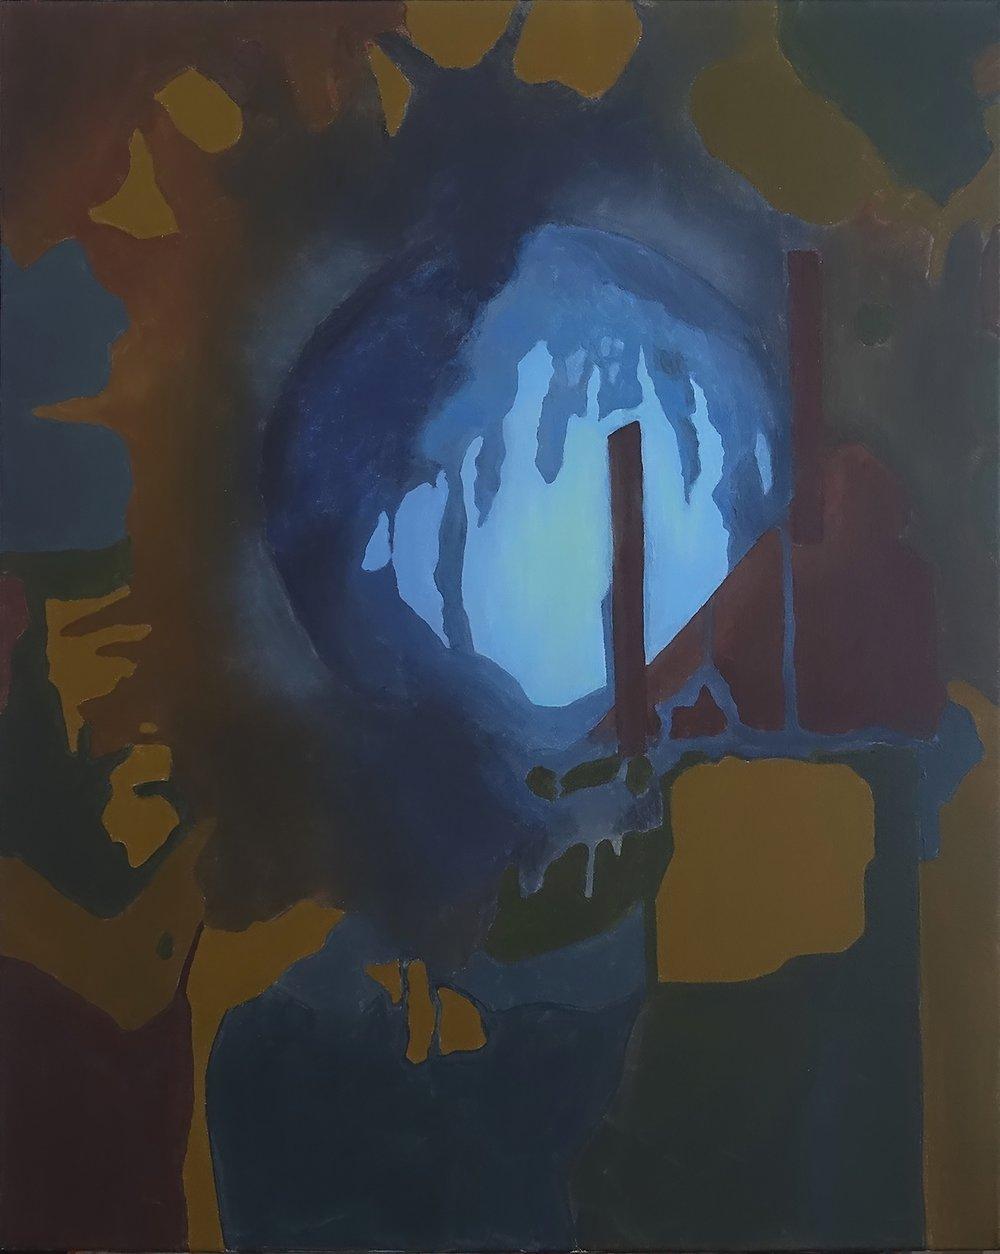 Untitled (Blip), 2018